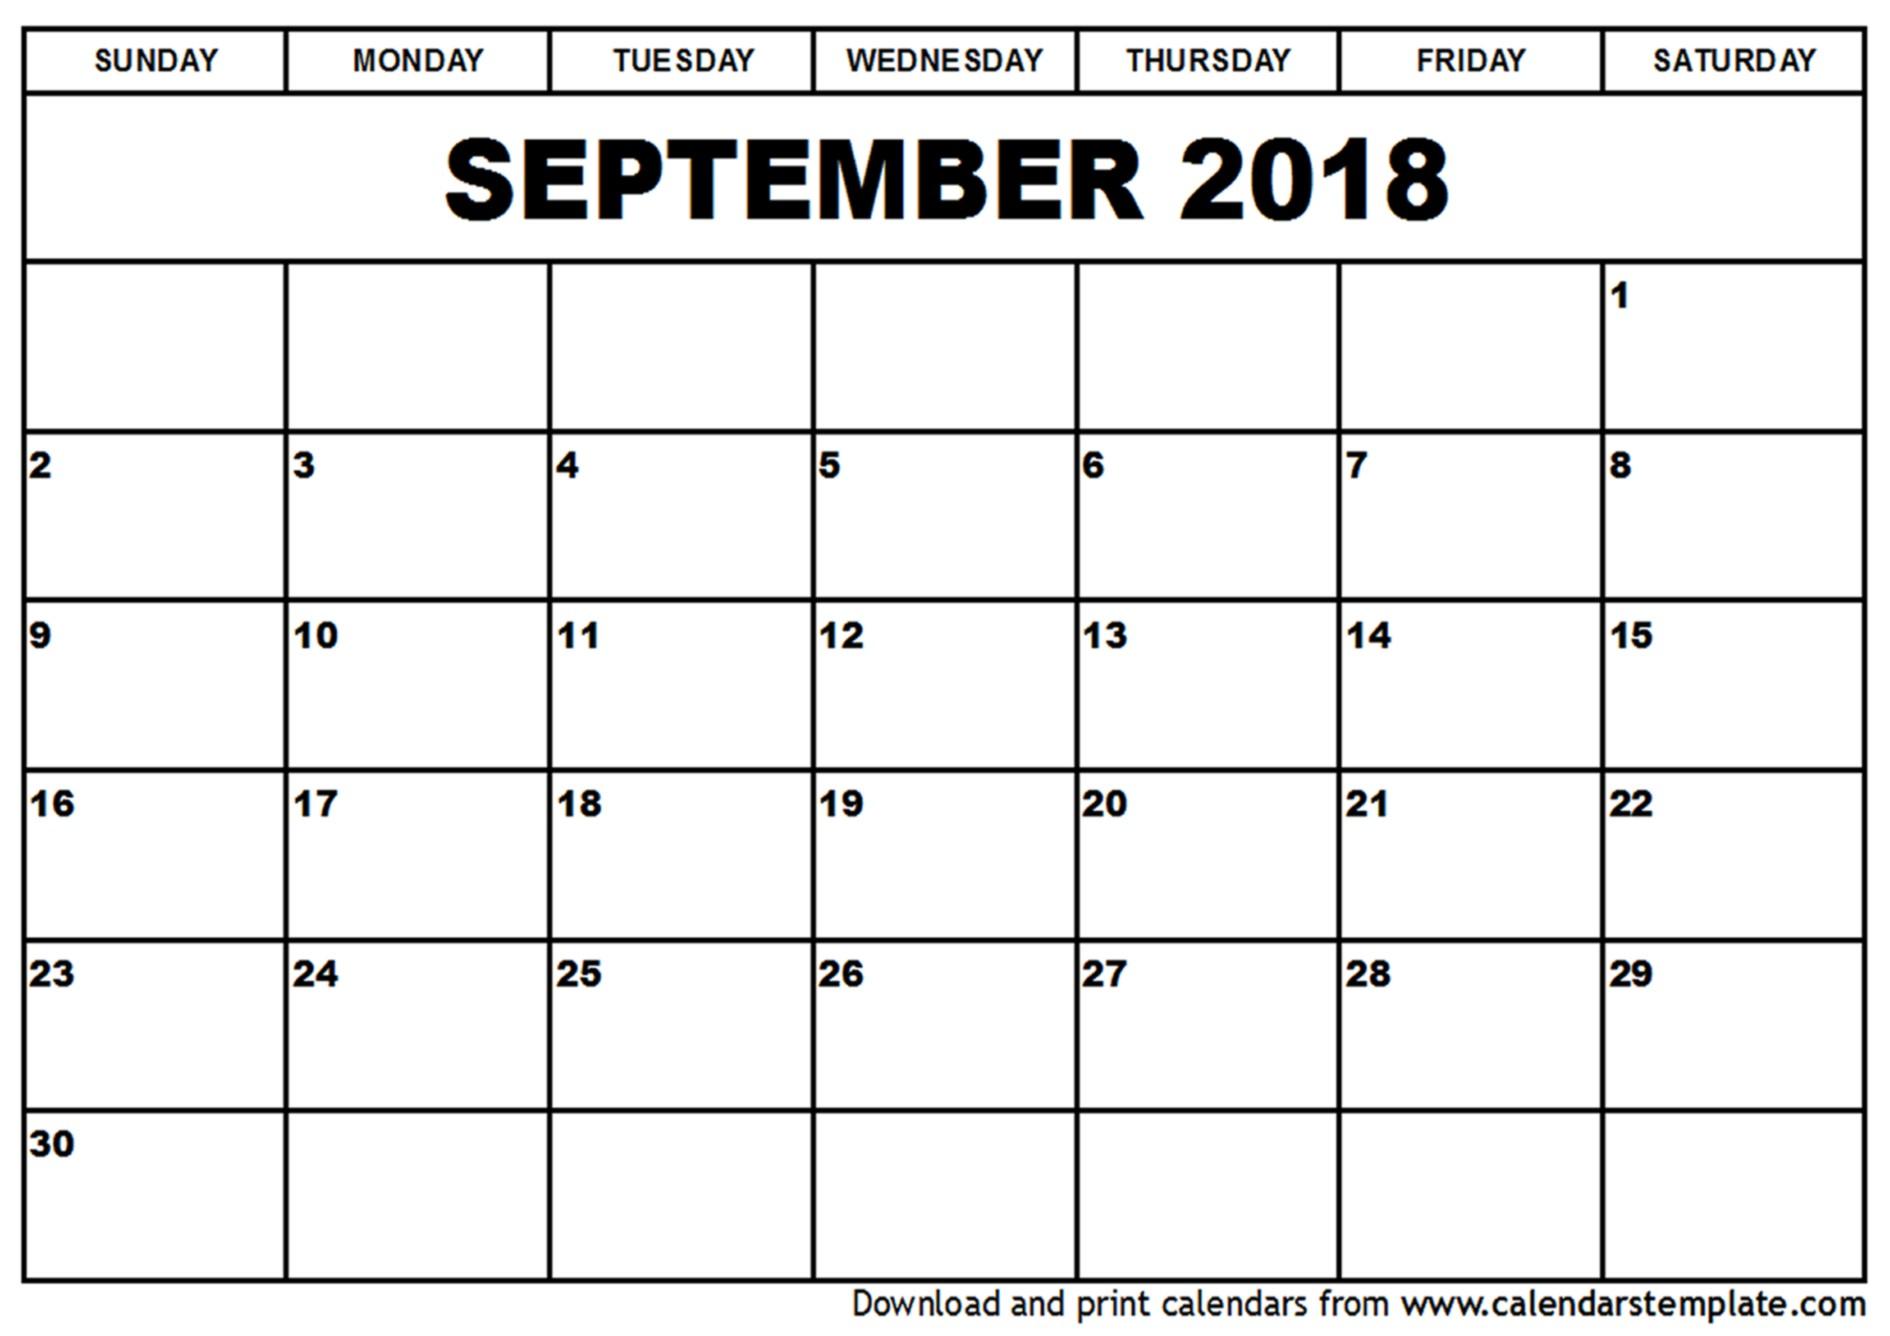 September 2018 Blank Calendar Tumblr